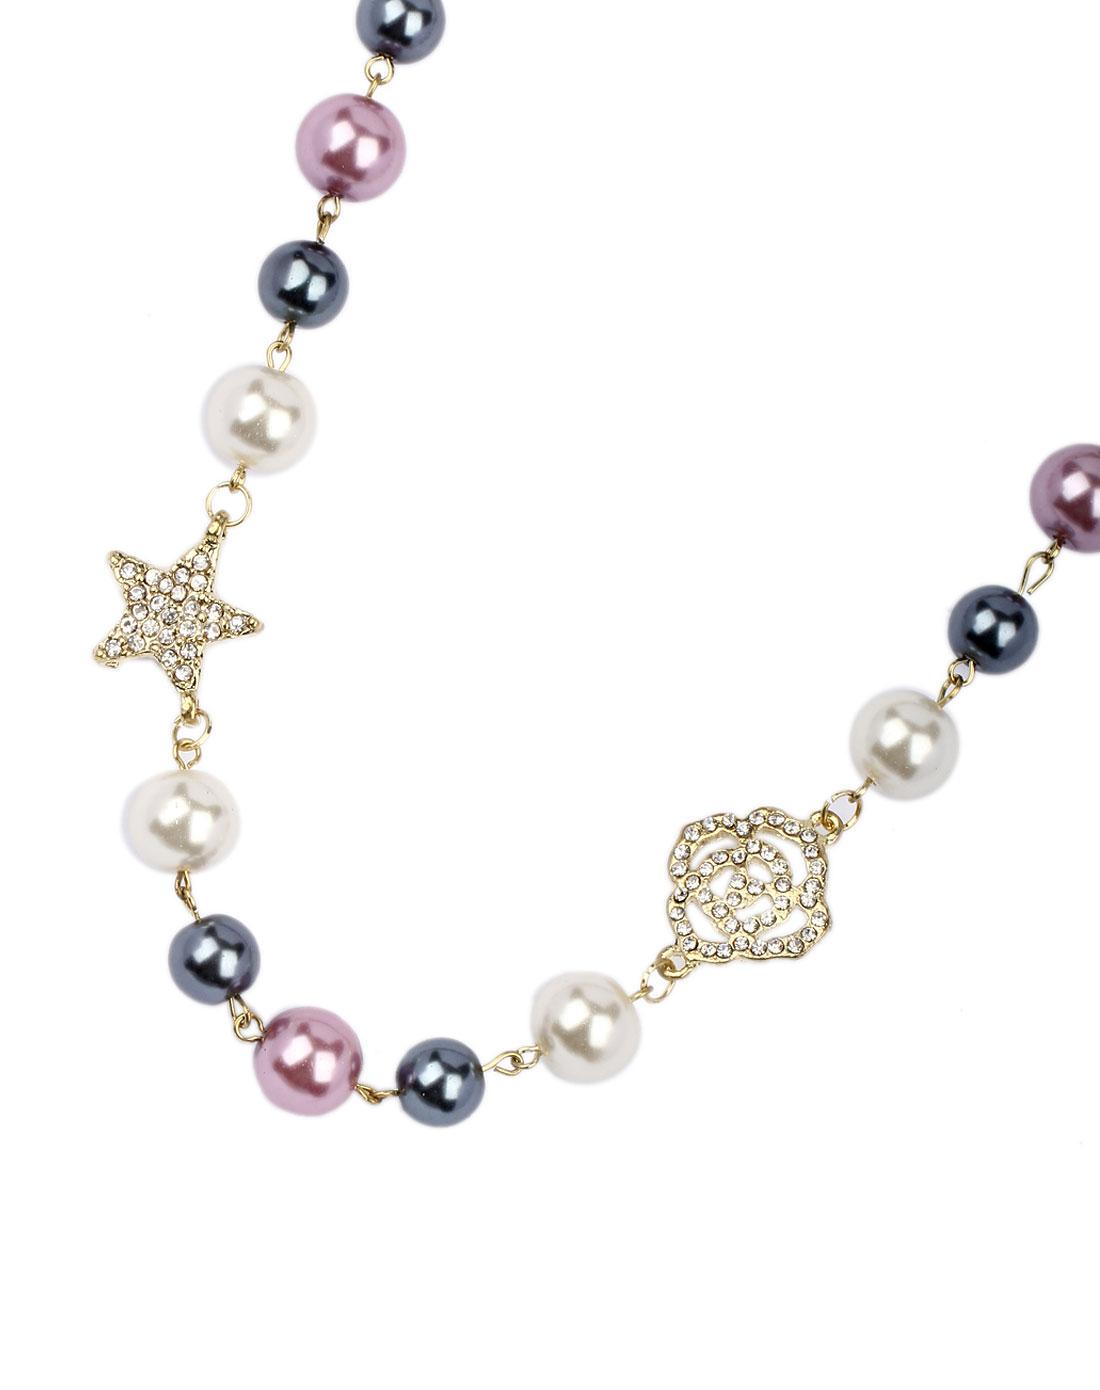 珍珠玫瑰项链